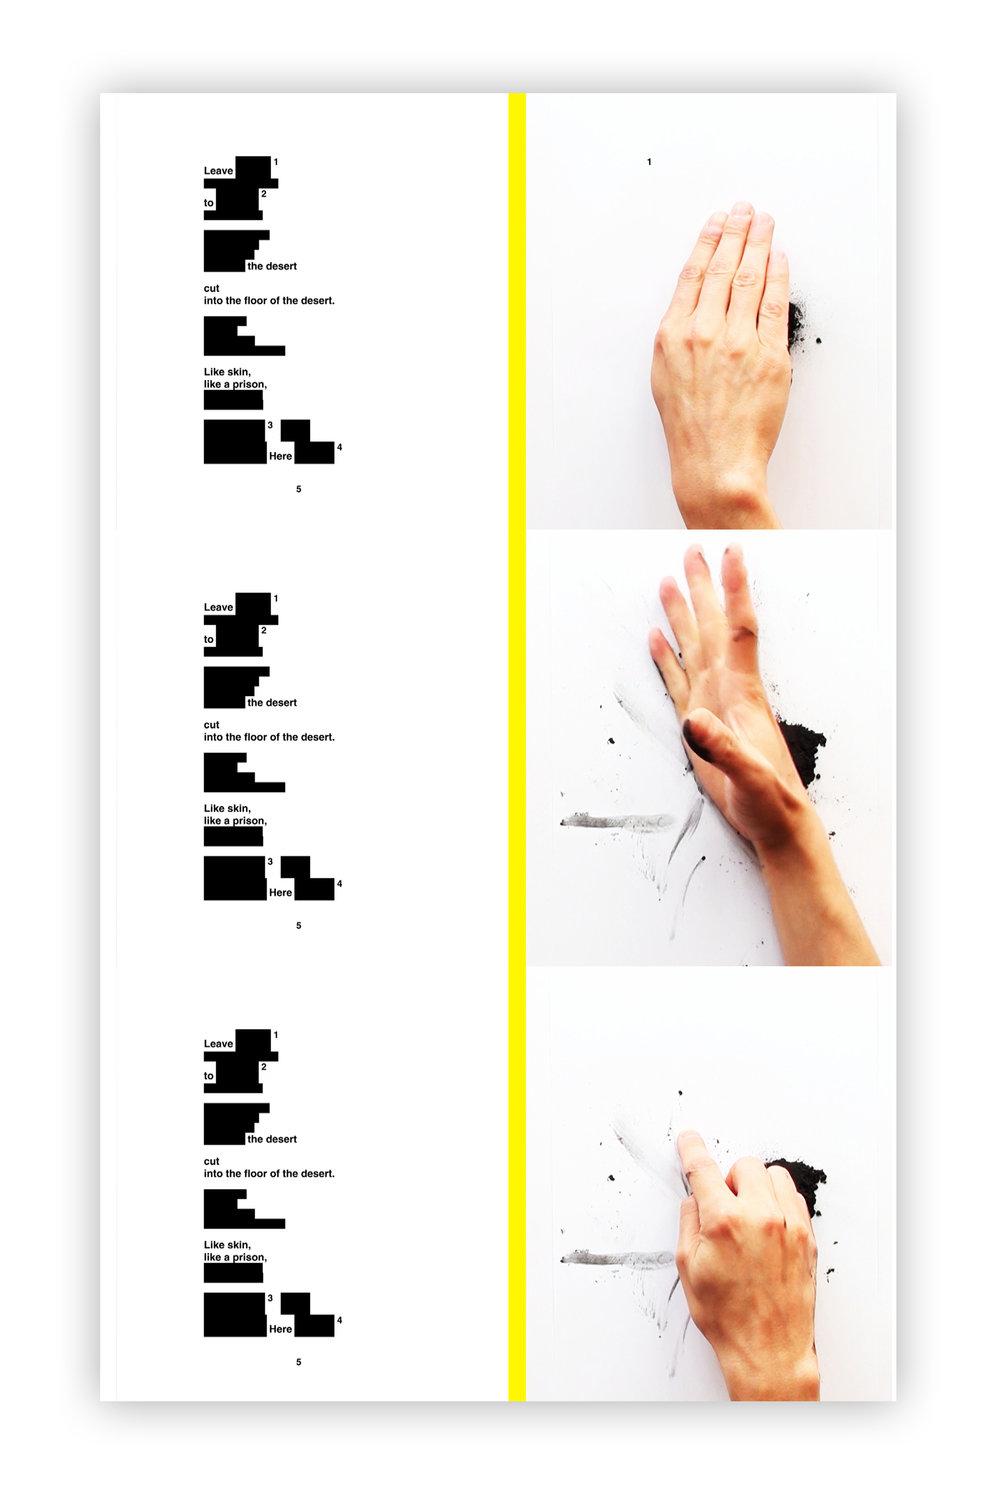 WHERE IS THE POEM - Alex MIRUTZIUperformance pentru o mana si poem preparat |9:49 min | 2013 | Galeria Sabot, Cluj - NapocaLucrarea se refera la conceptul de 'Birocratie a Obiectelor' care abordeaza dinamica si politica scrisului si cititului si la intelegerea dialectca a relatiei dintre cele doua, de la procesul de productie la cel de receptie.